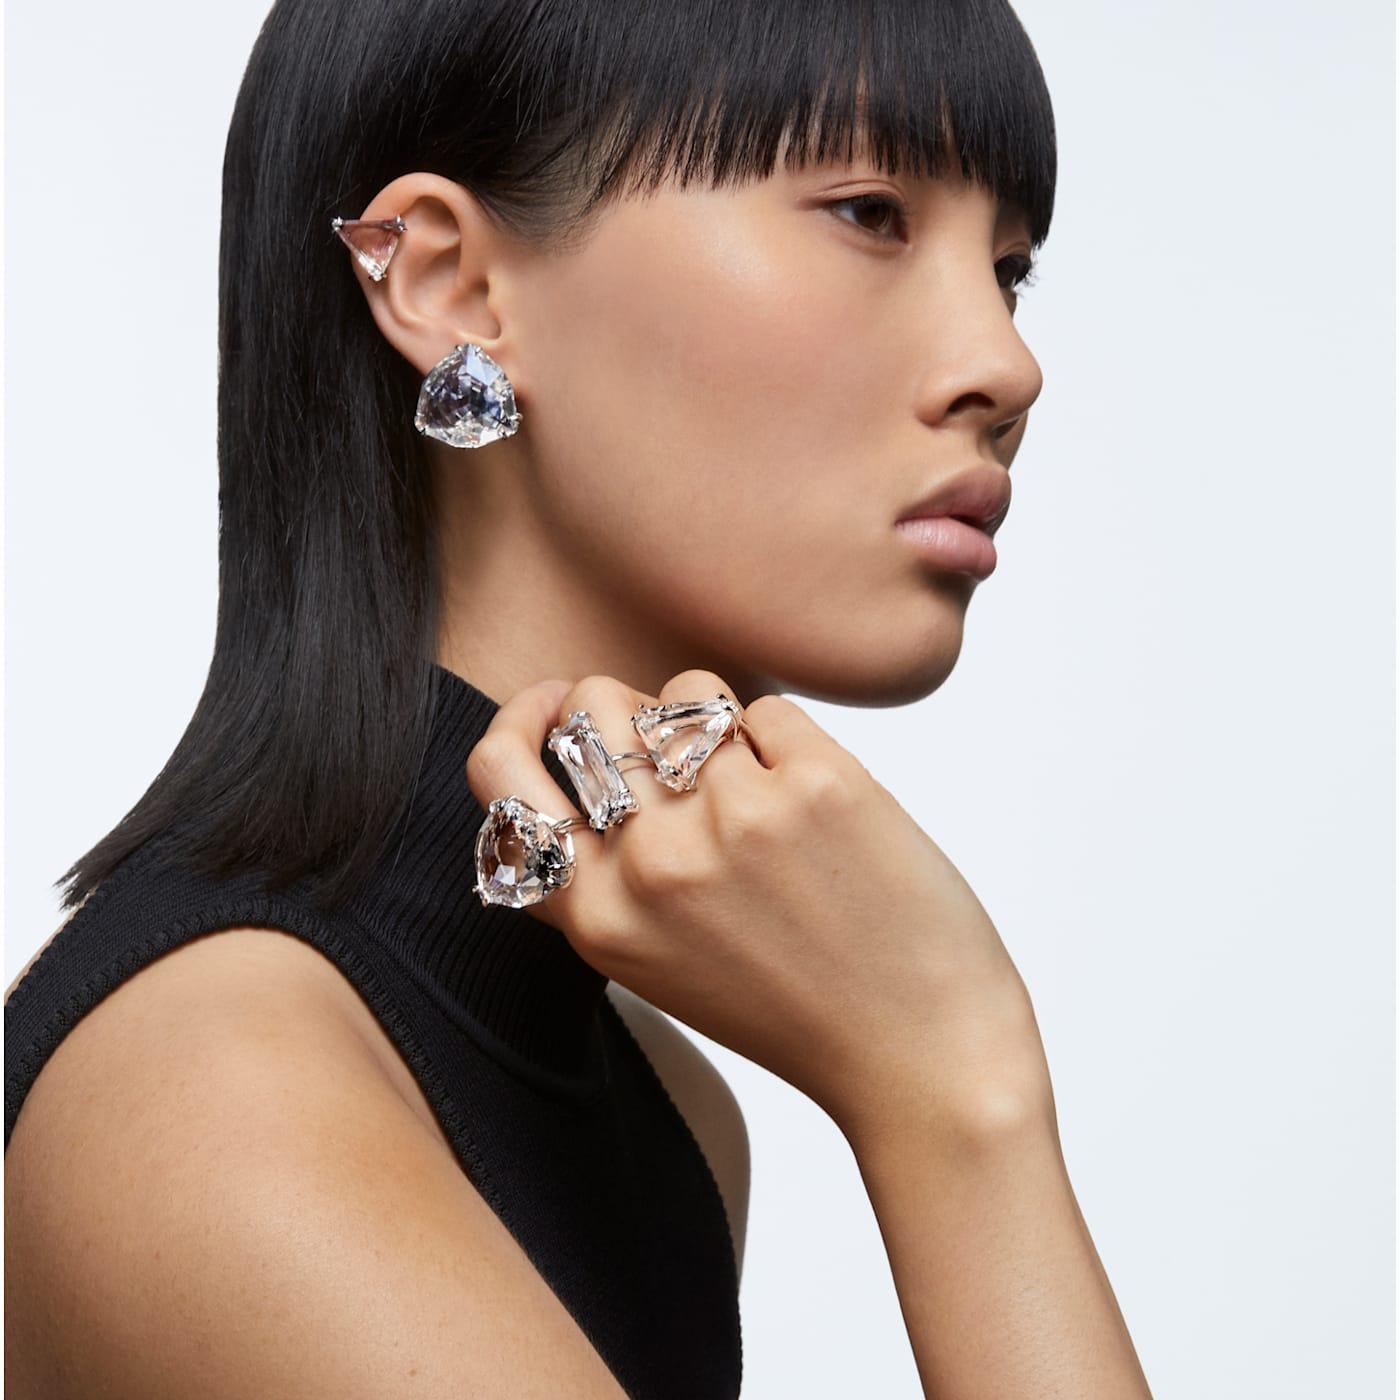 Boucle d'oreille à clipper Mesmera Mono, Cristal taille triangle, Blanc, Métal rhodié, Swarovski